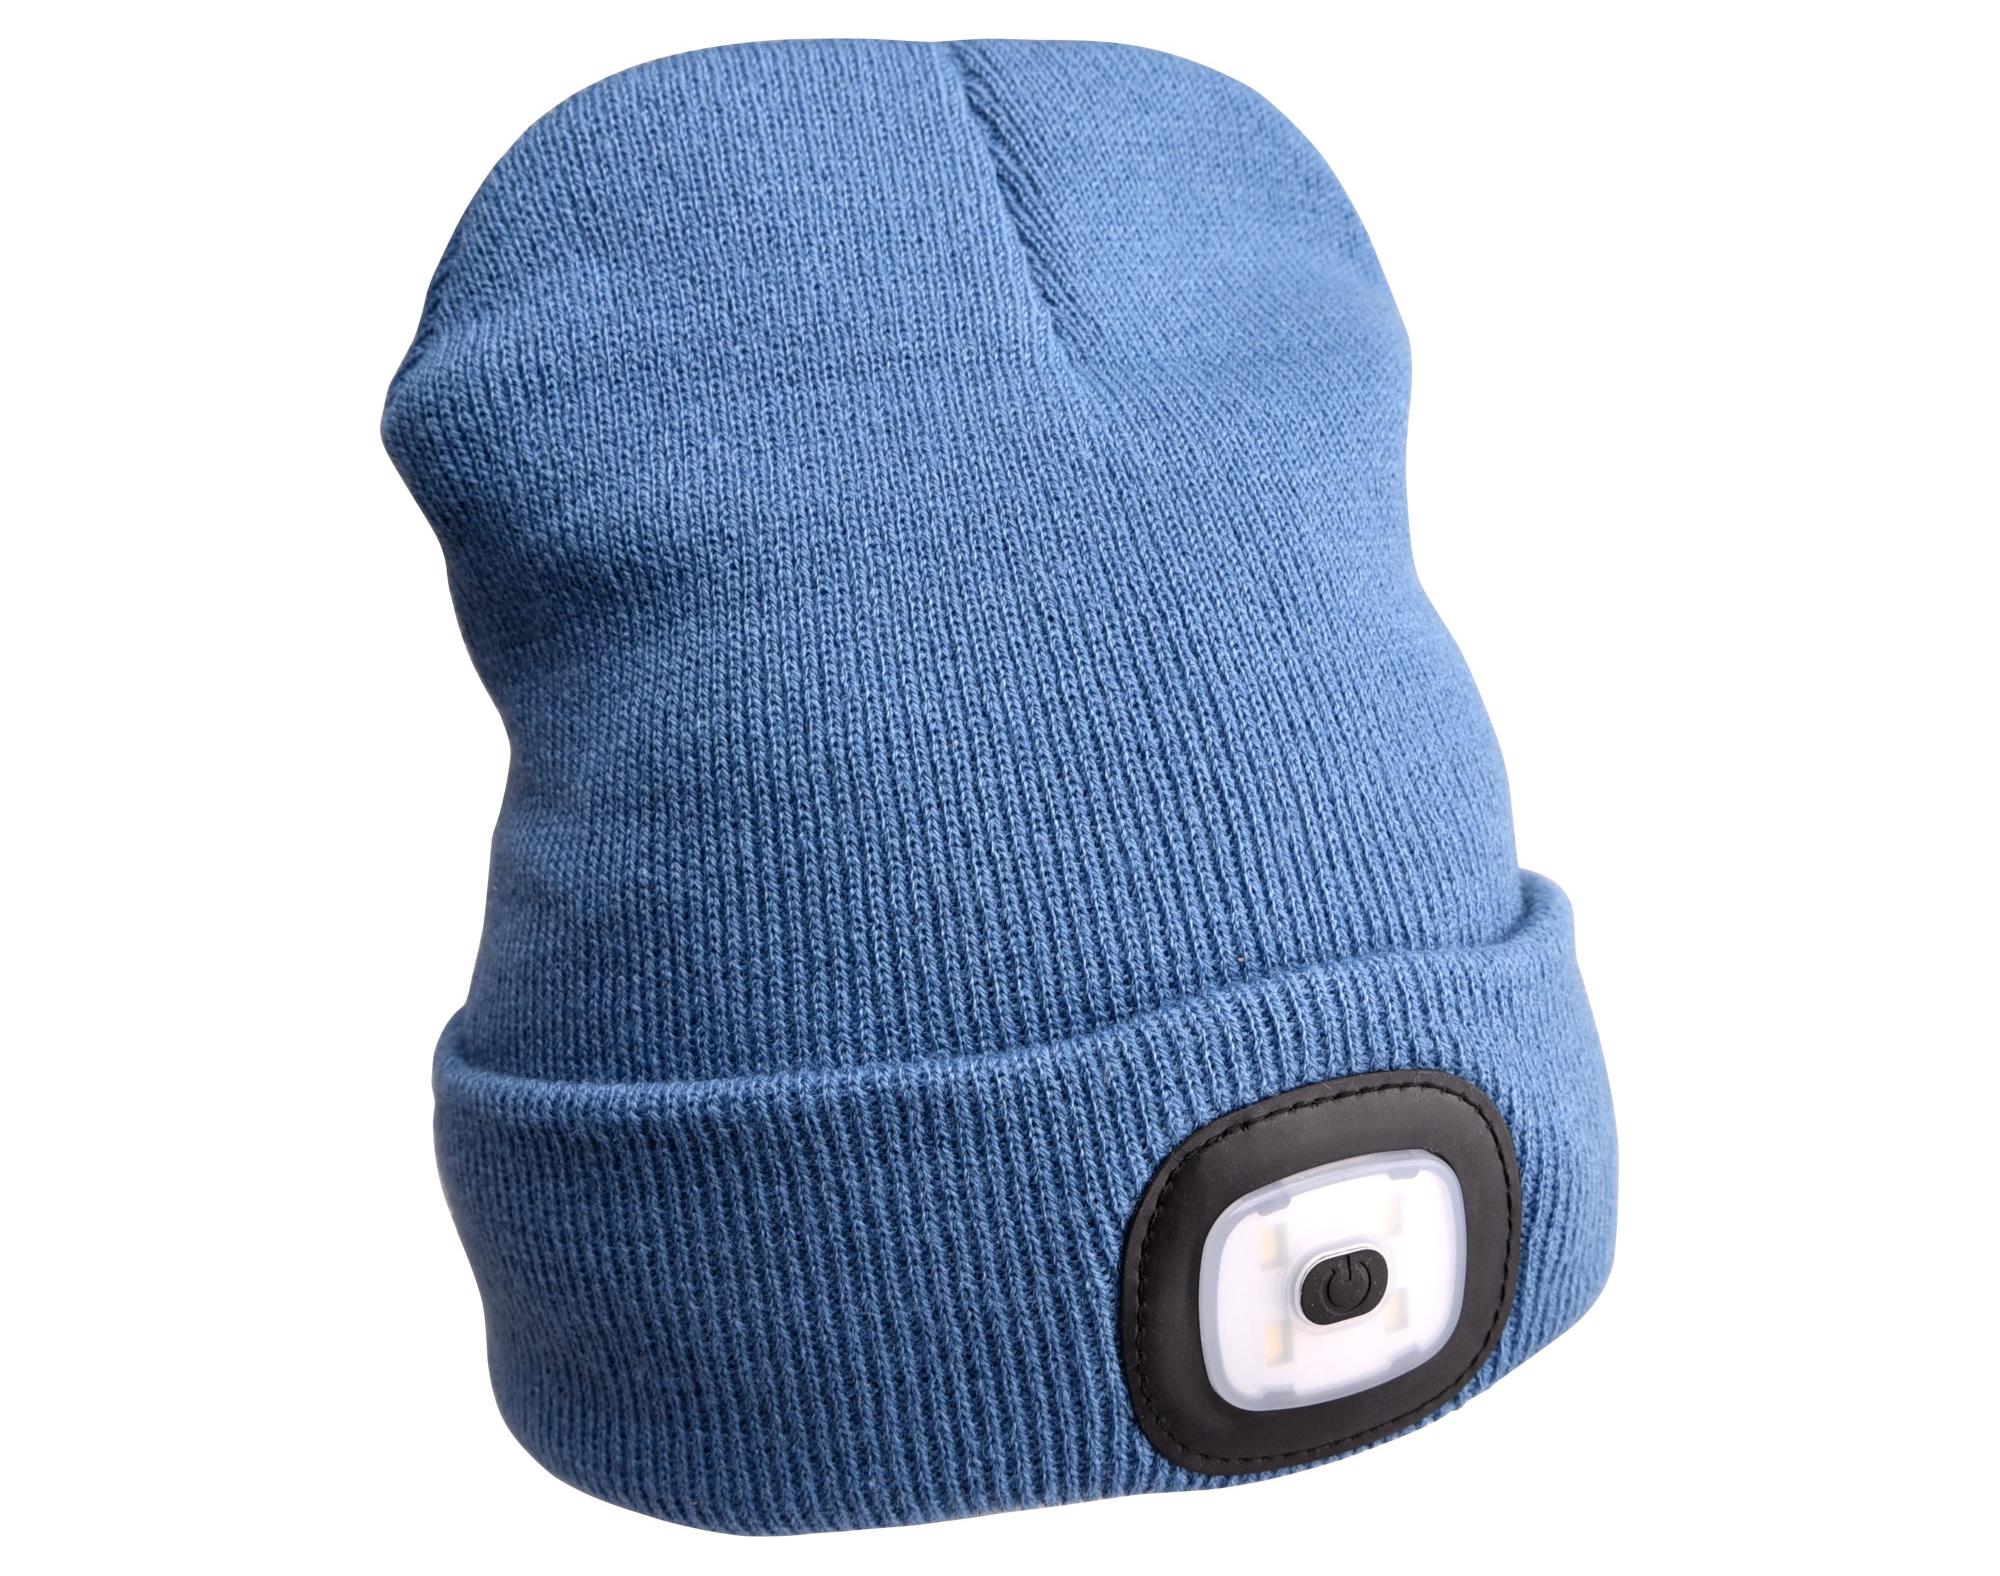 Čepice s čelovkou 45lm, nabíjecí, USB, univerzální velikost, modrá SIXTOL